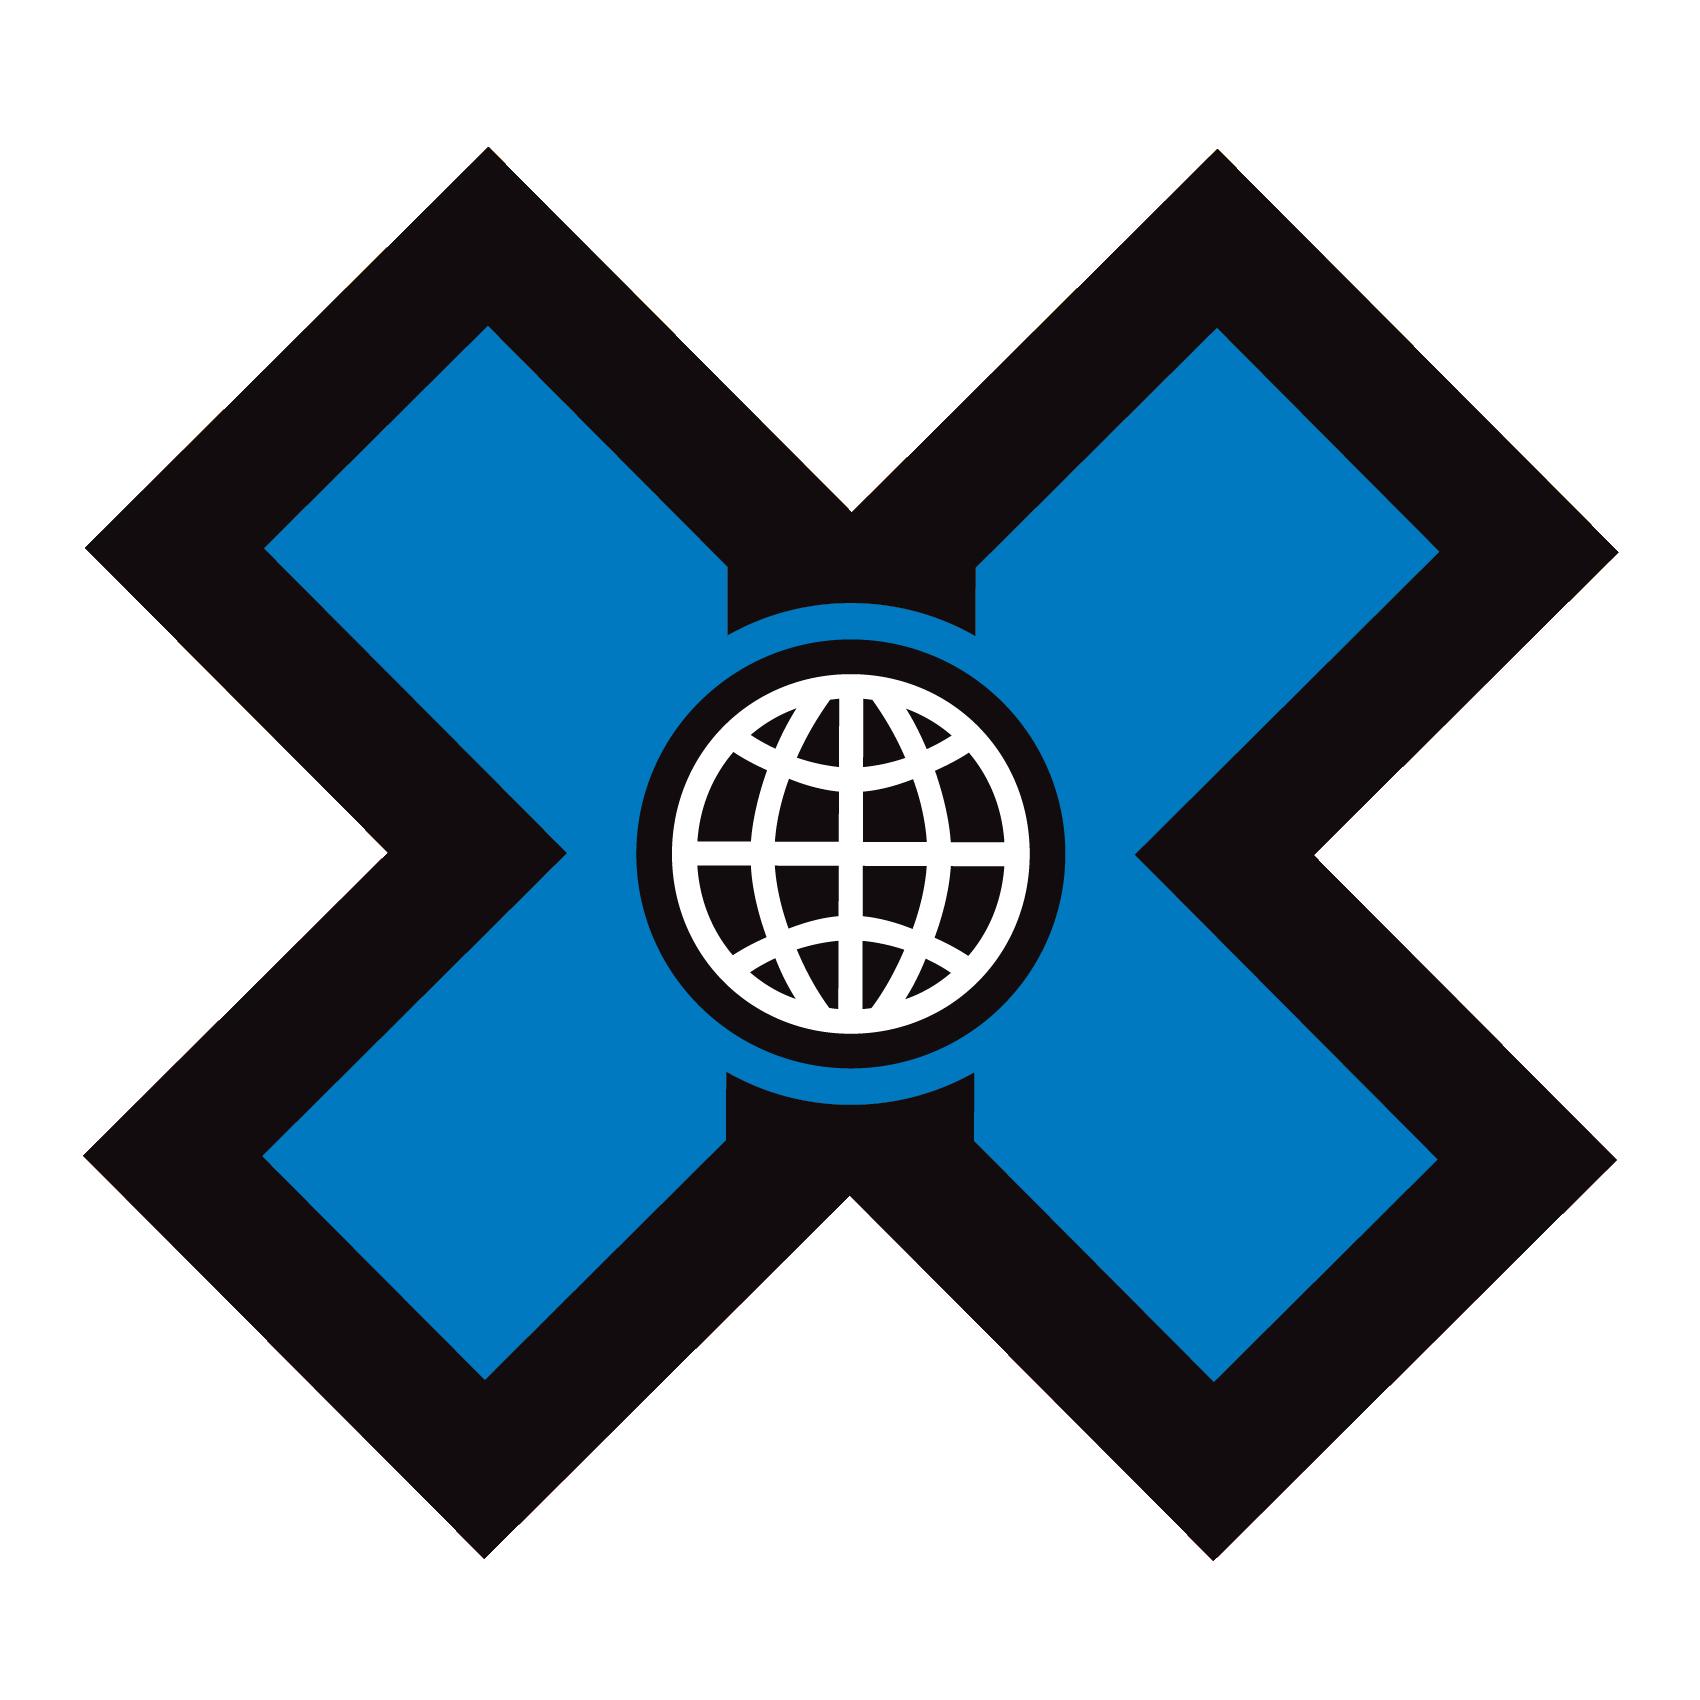 X Games Aspen 2019 messages sticker-2